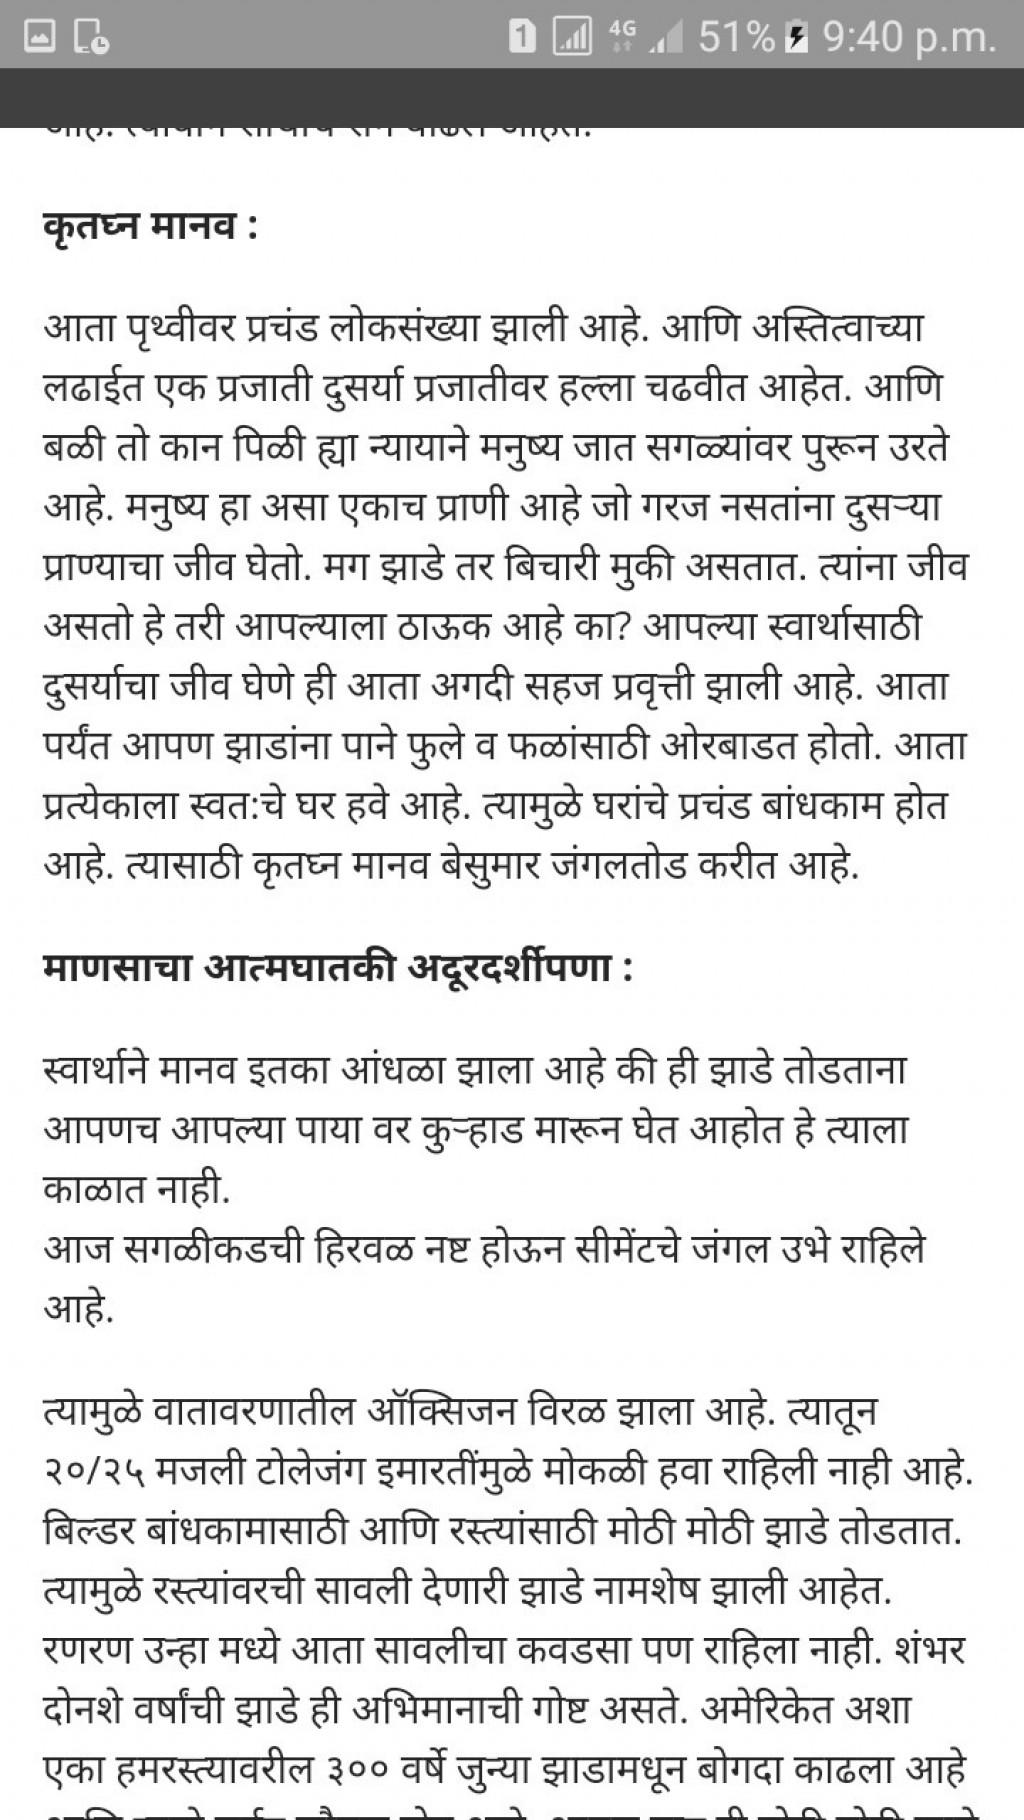 013 Tree Essay Unforgettable Neem In Sanskrit Kannada Hindi Large